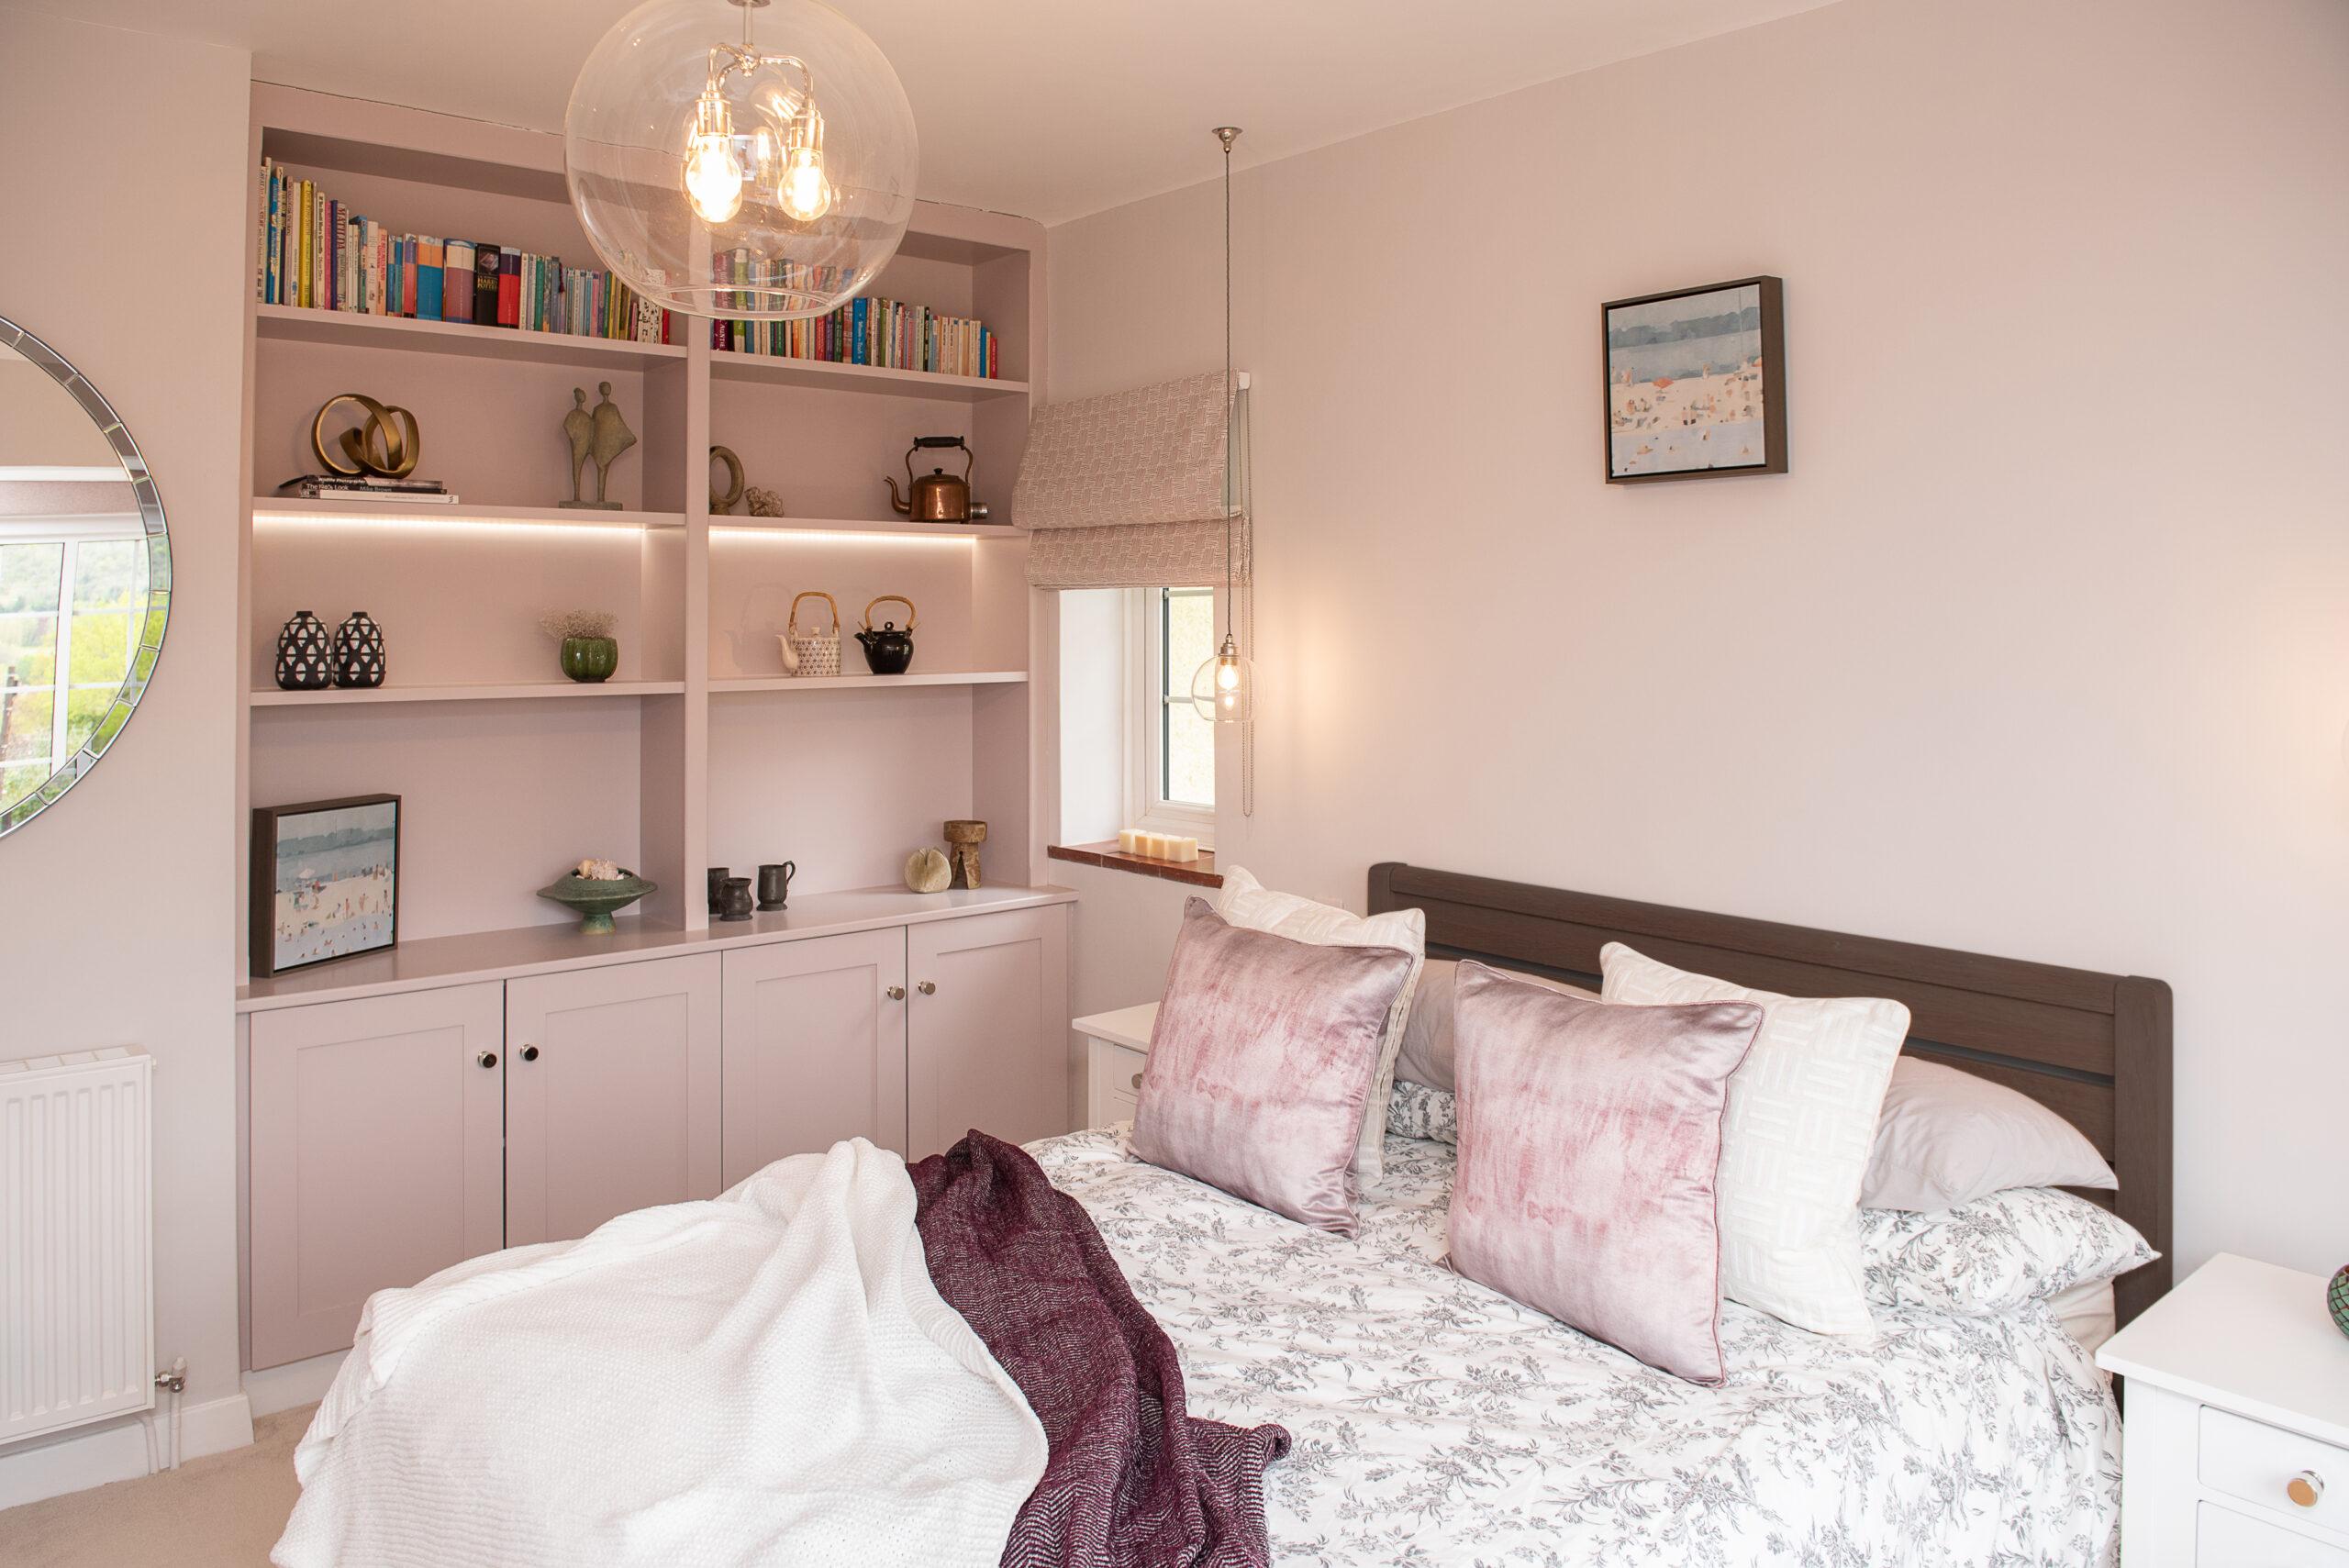 Fairways Goring Bedroom Bed and Shelving